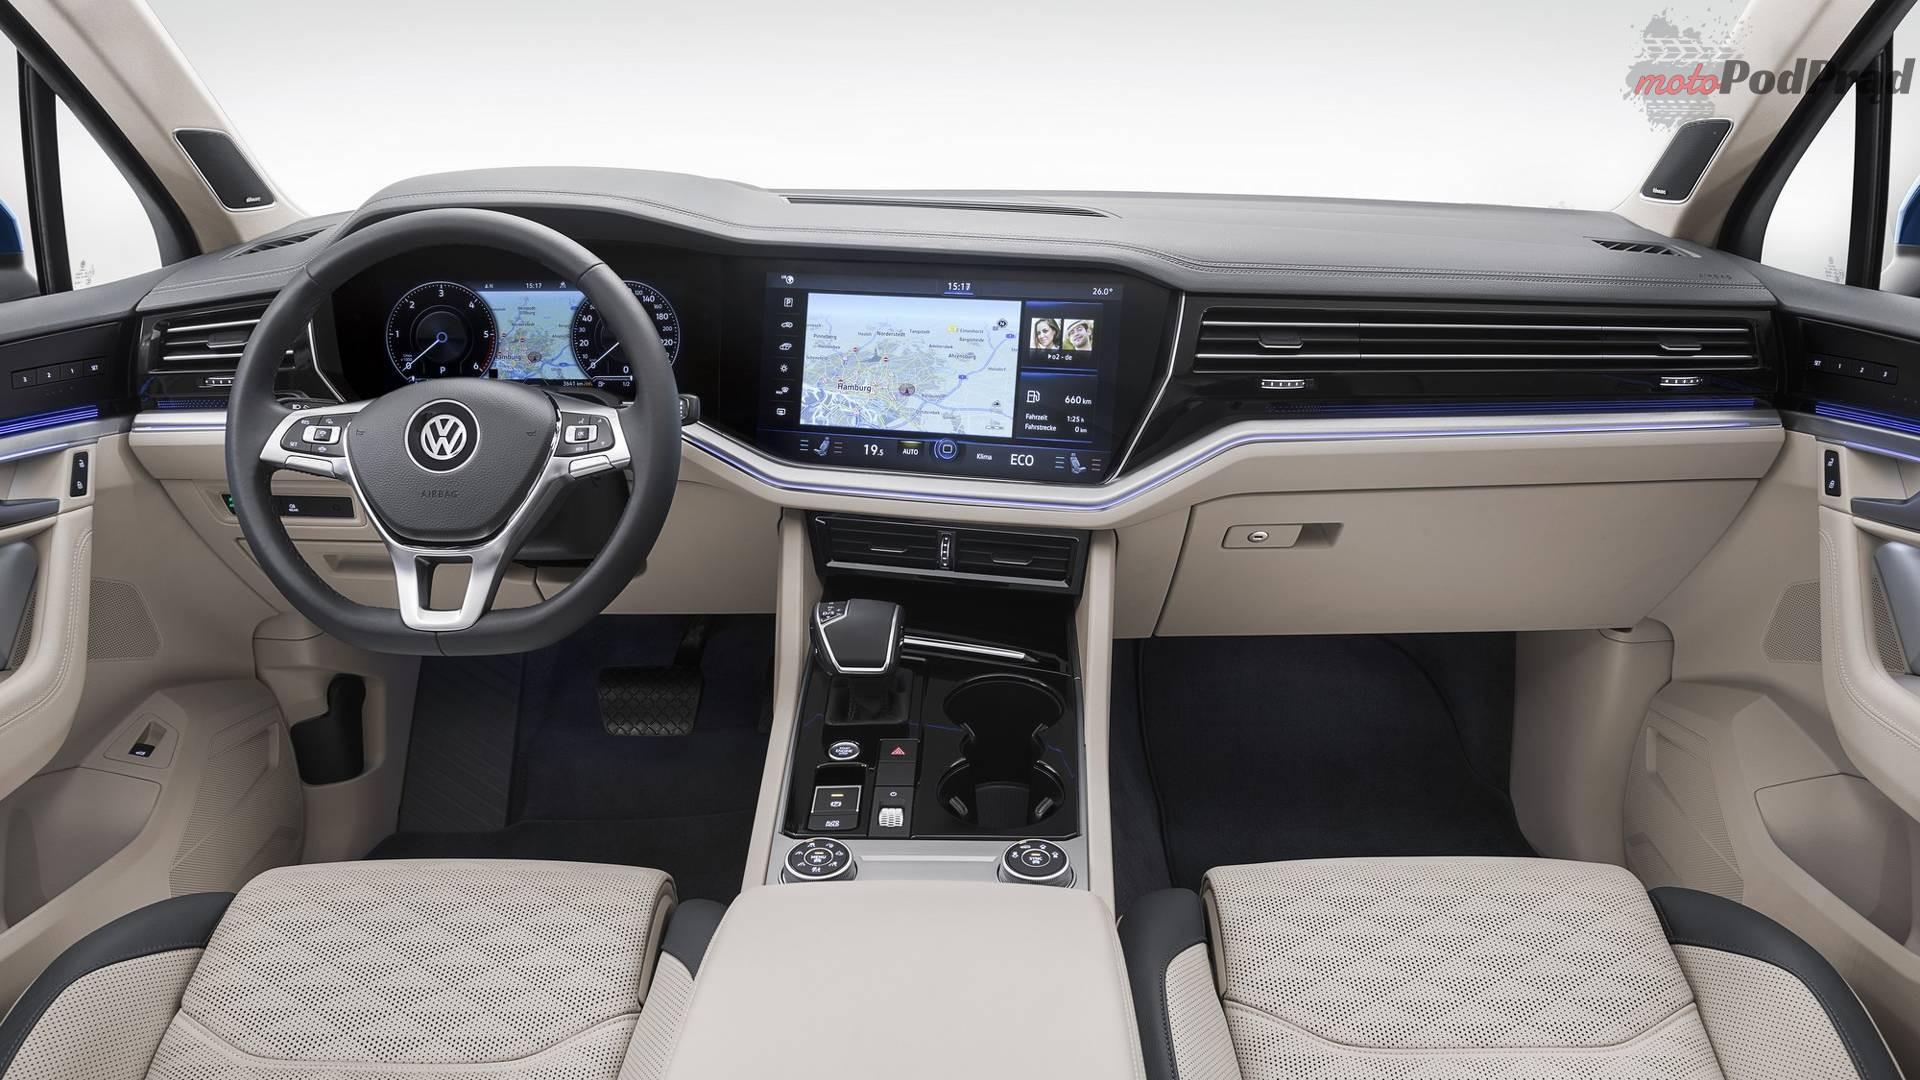 nuova volkswagen touareg Volkswagen Touareg przenosi markę w nowy wymiar